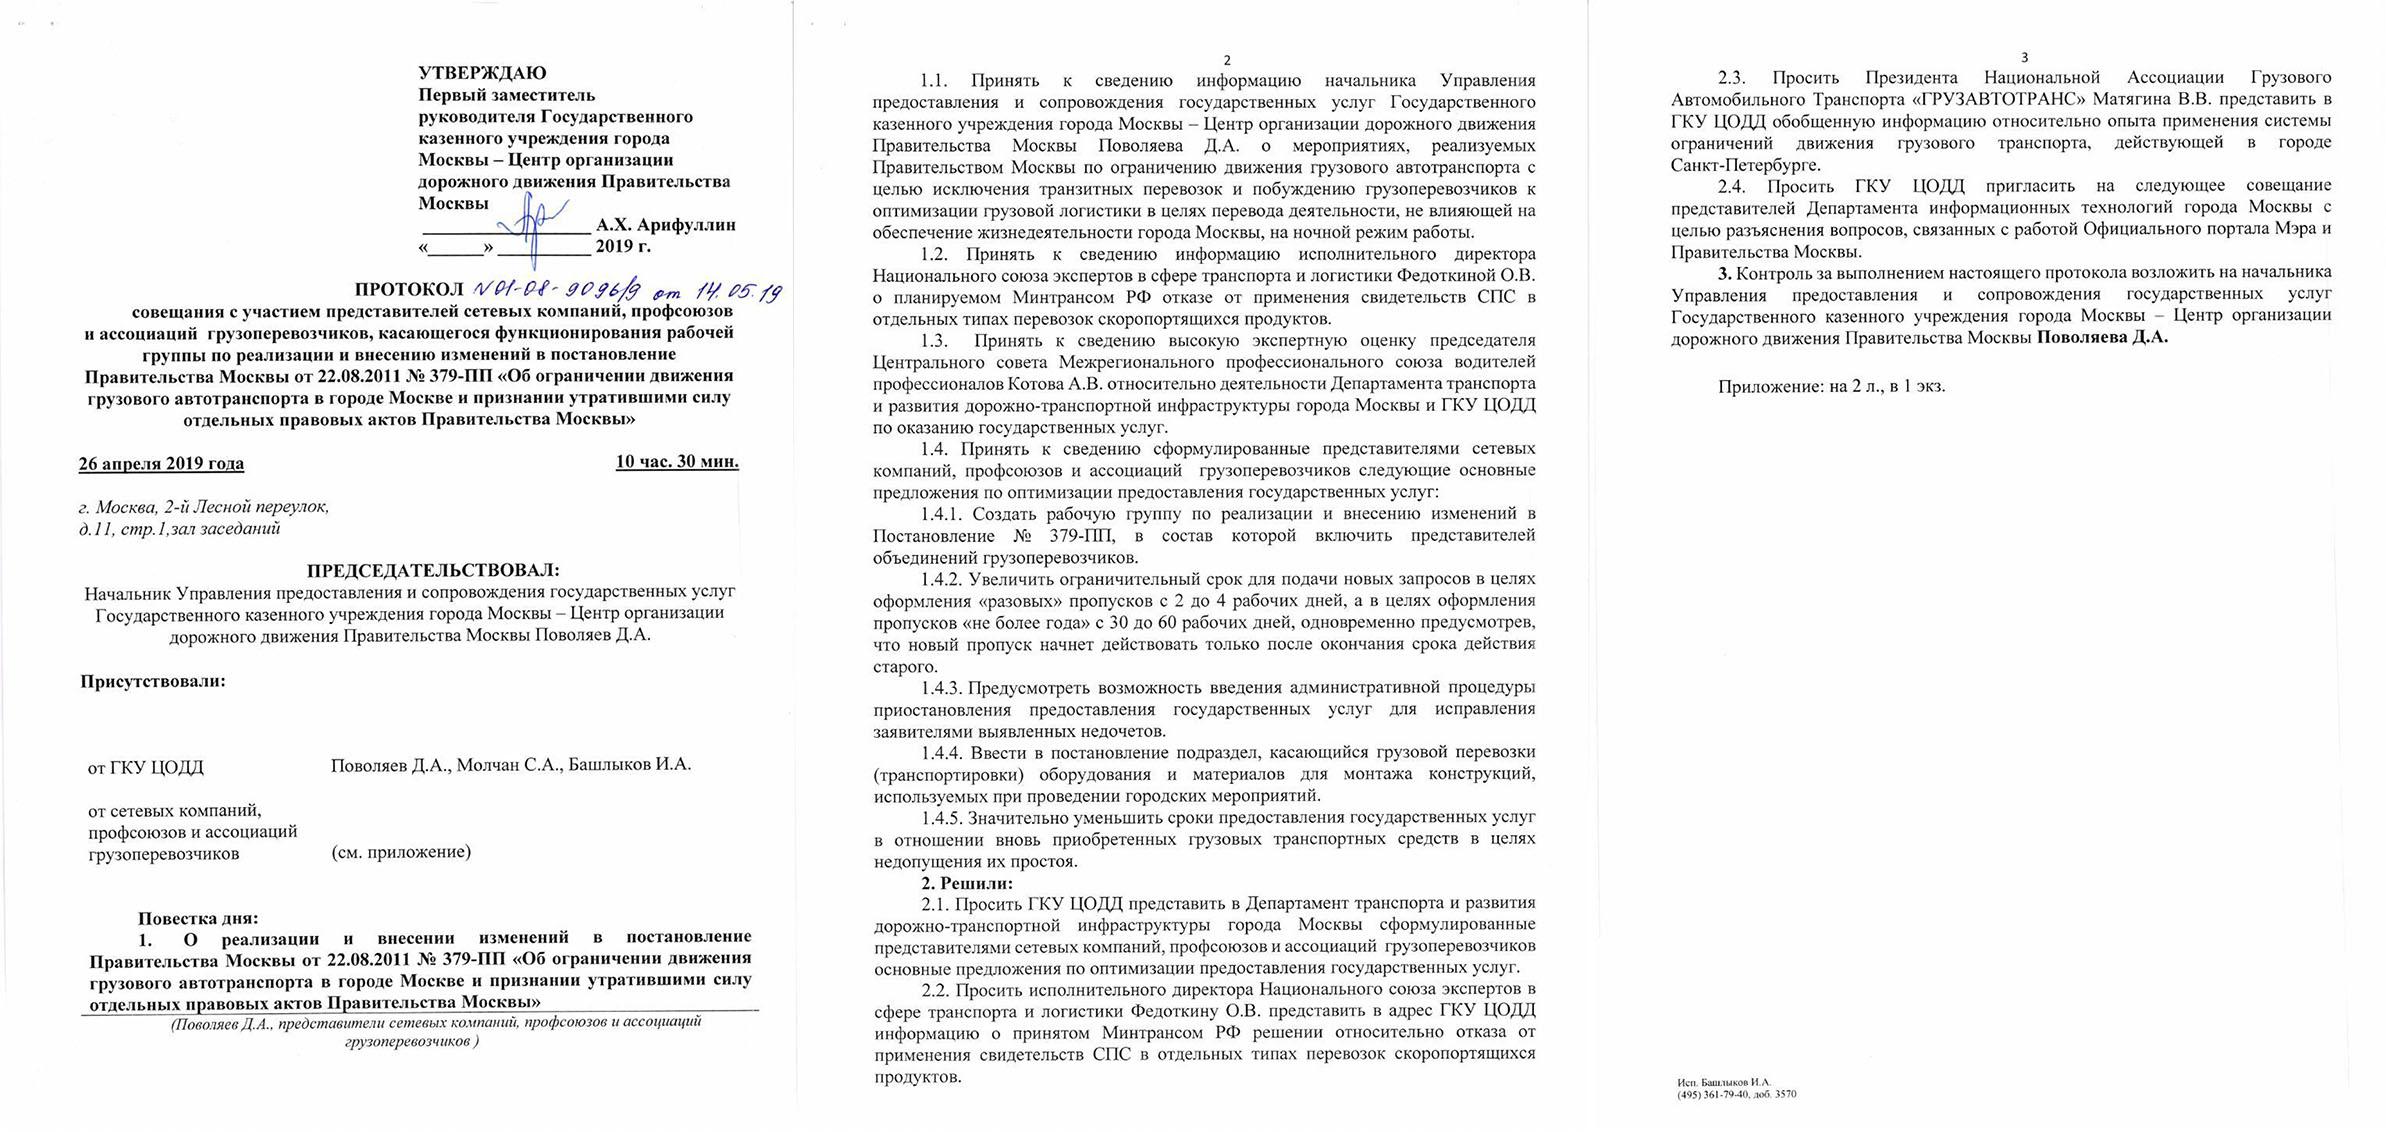 Протокол Арифуллин_А.jpg